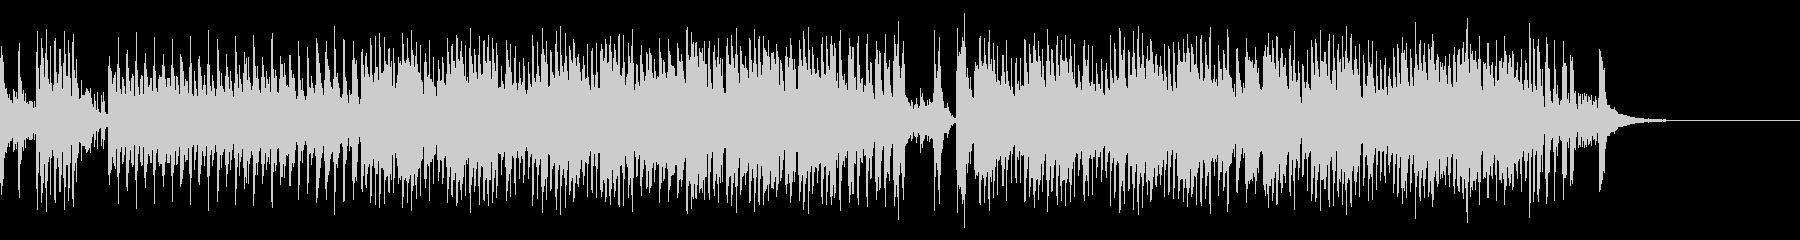 コミカルなピアノ曲の未再生の波形